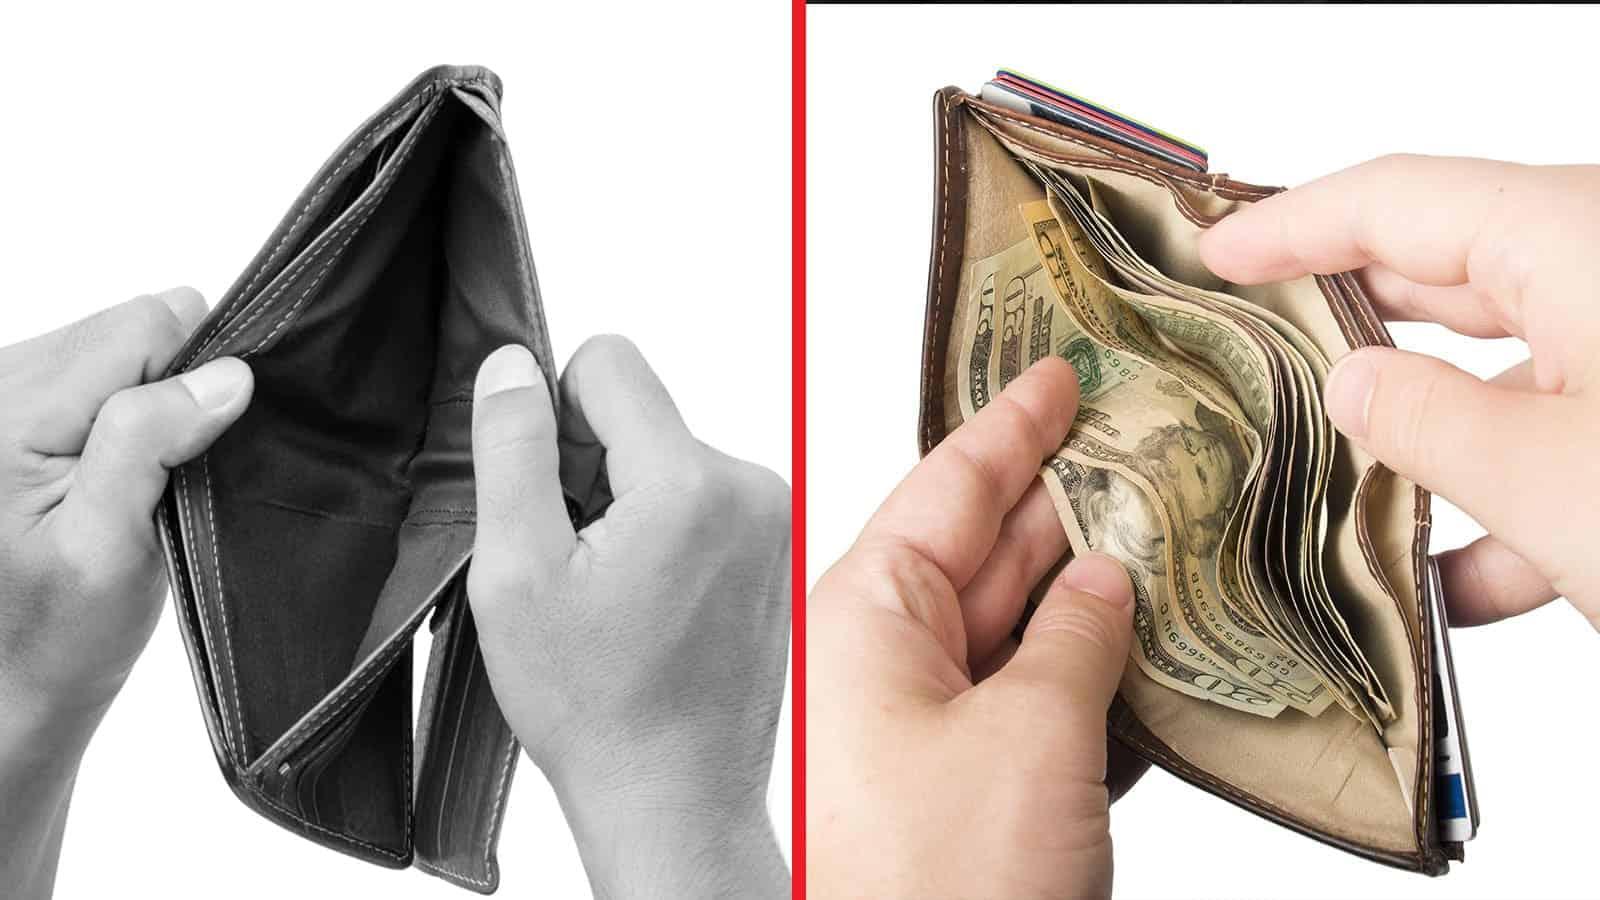 Mẹo tiết kiệm khi tài chính eo hẹp - Ảnh 1.